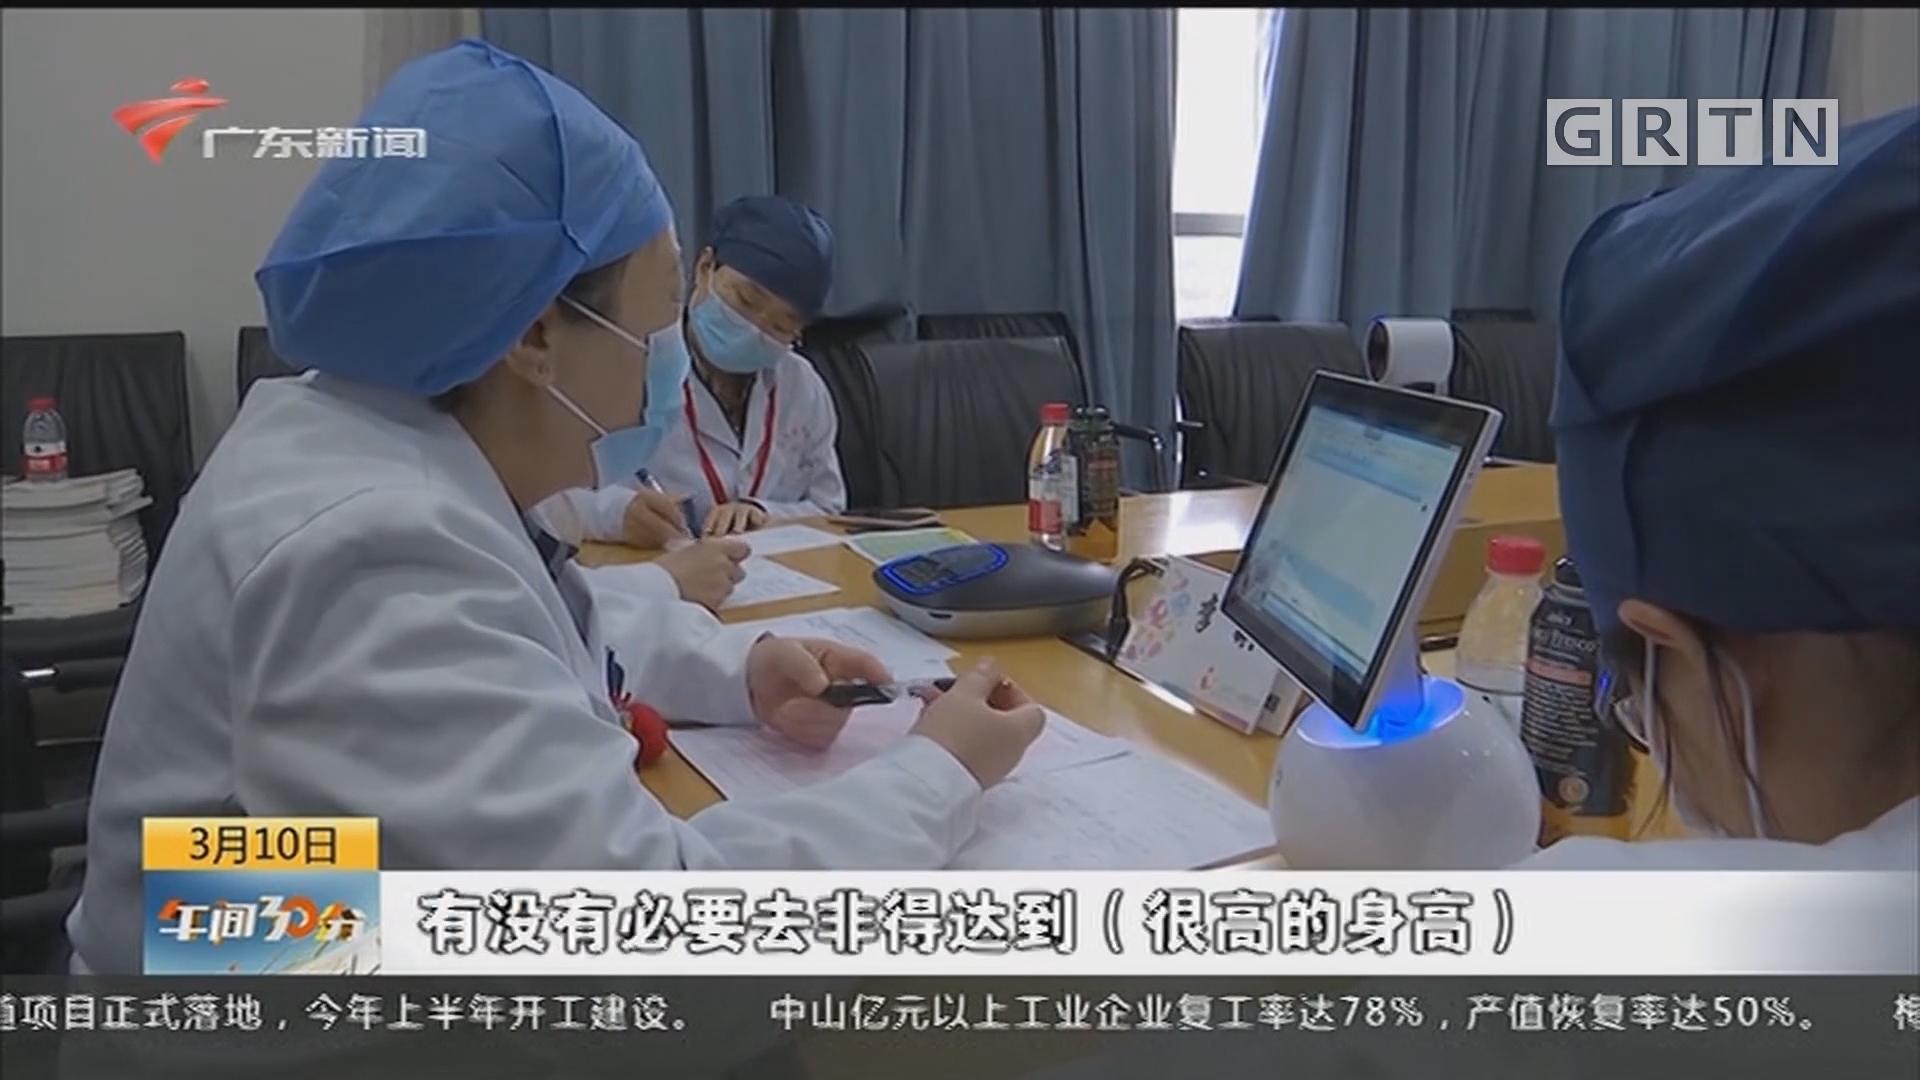 上海:首家儿童互联网医院上线 患儿足不出户得到诊疗